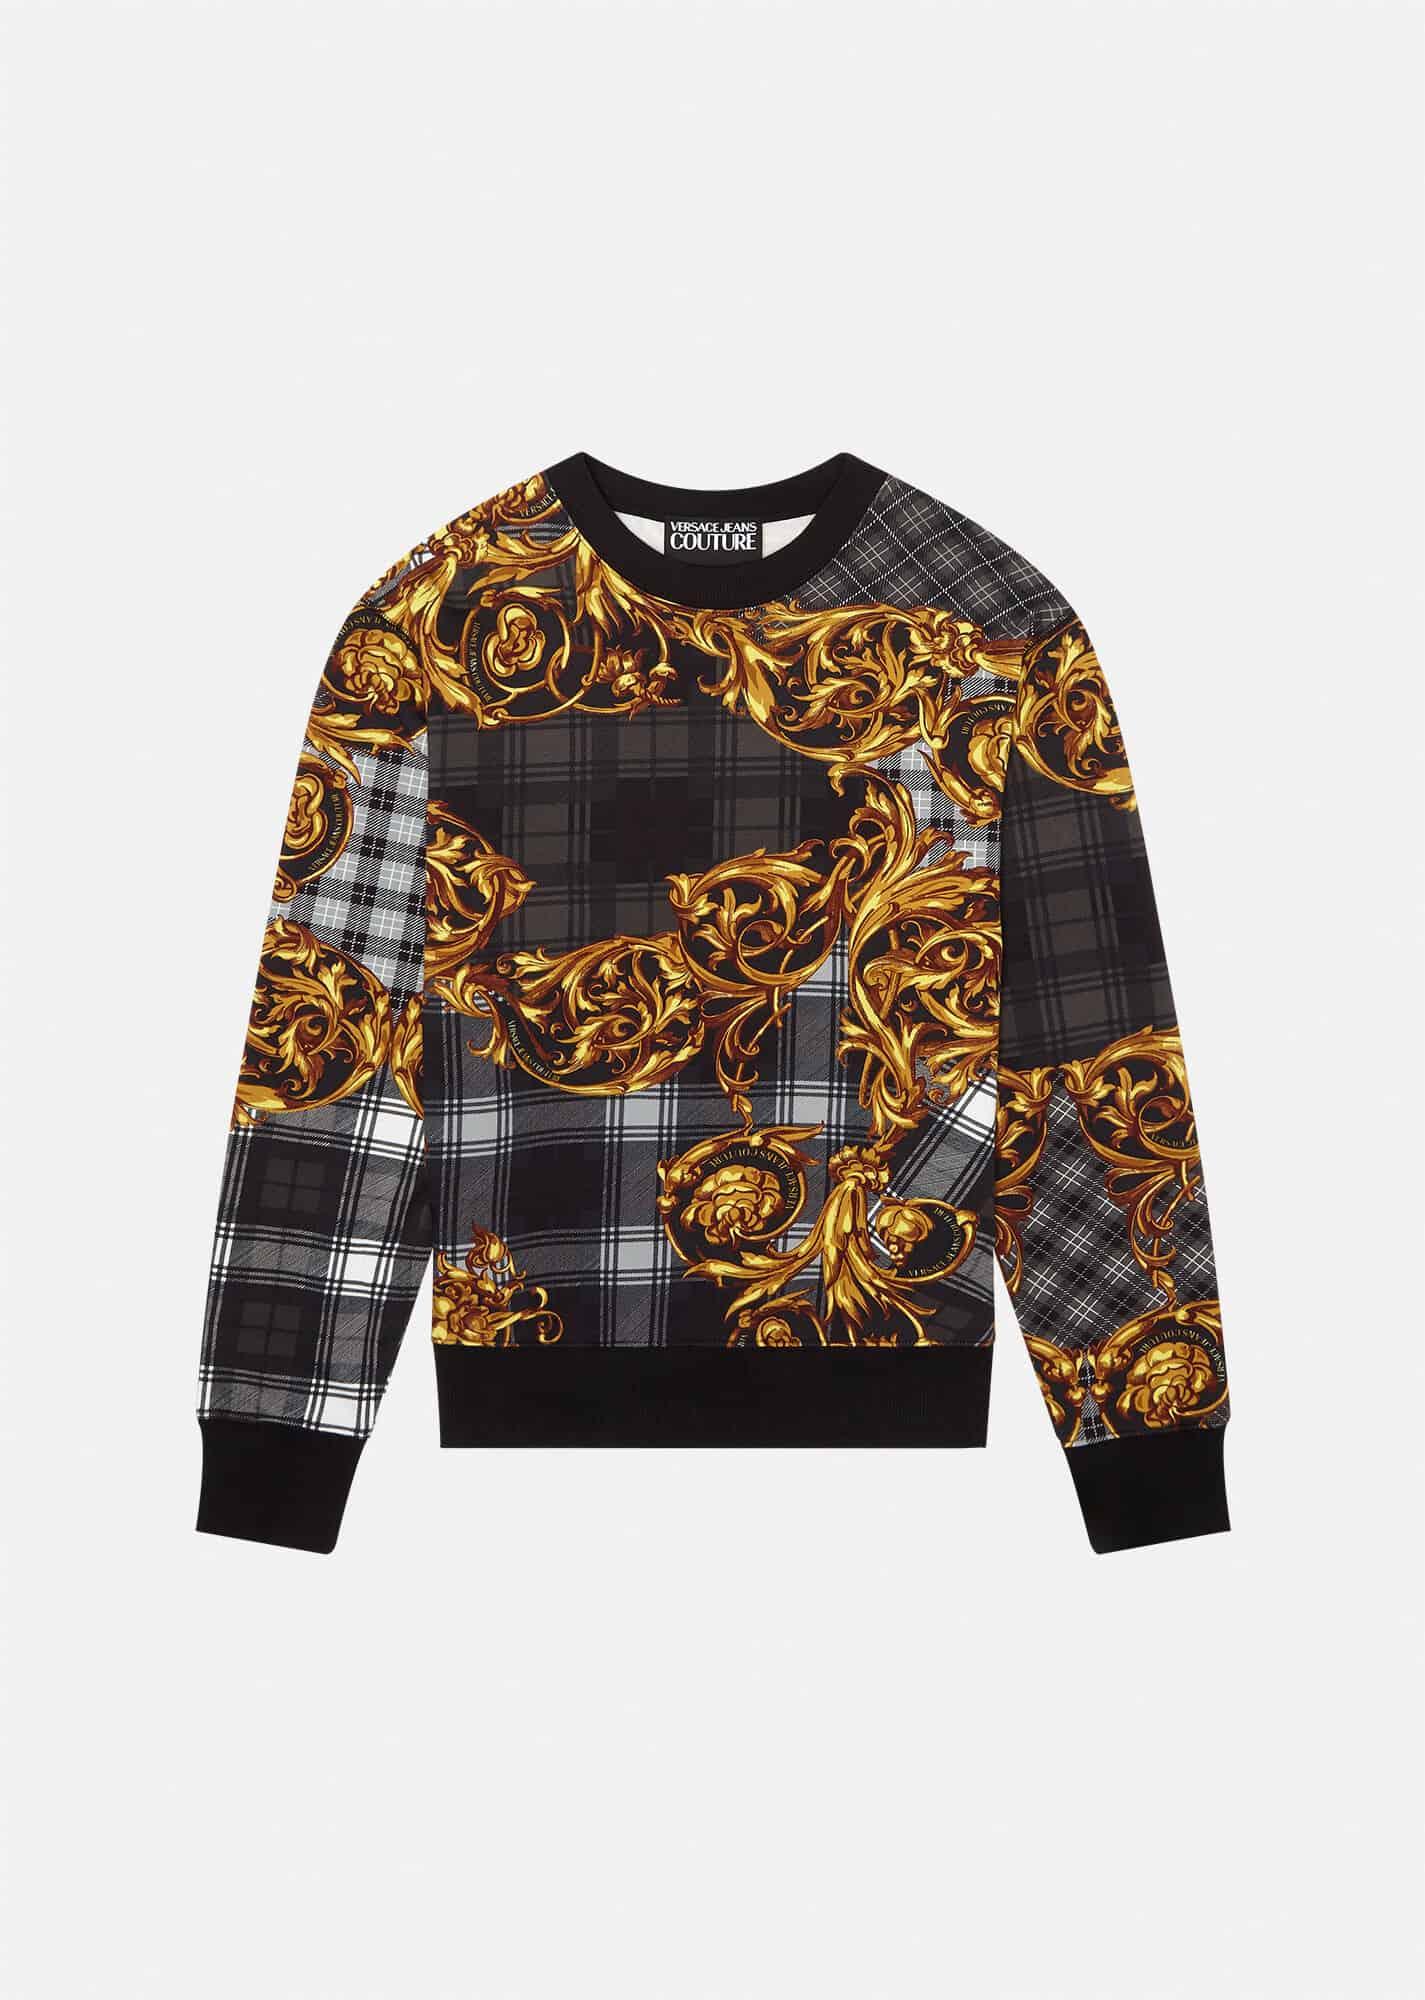 Versace Jeans Couture Baroque Print Sweatshirt